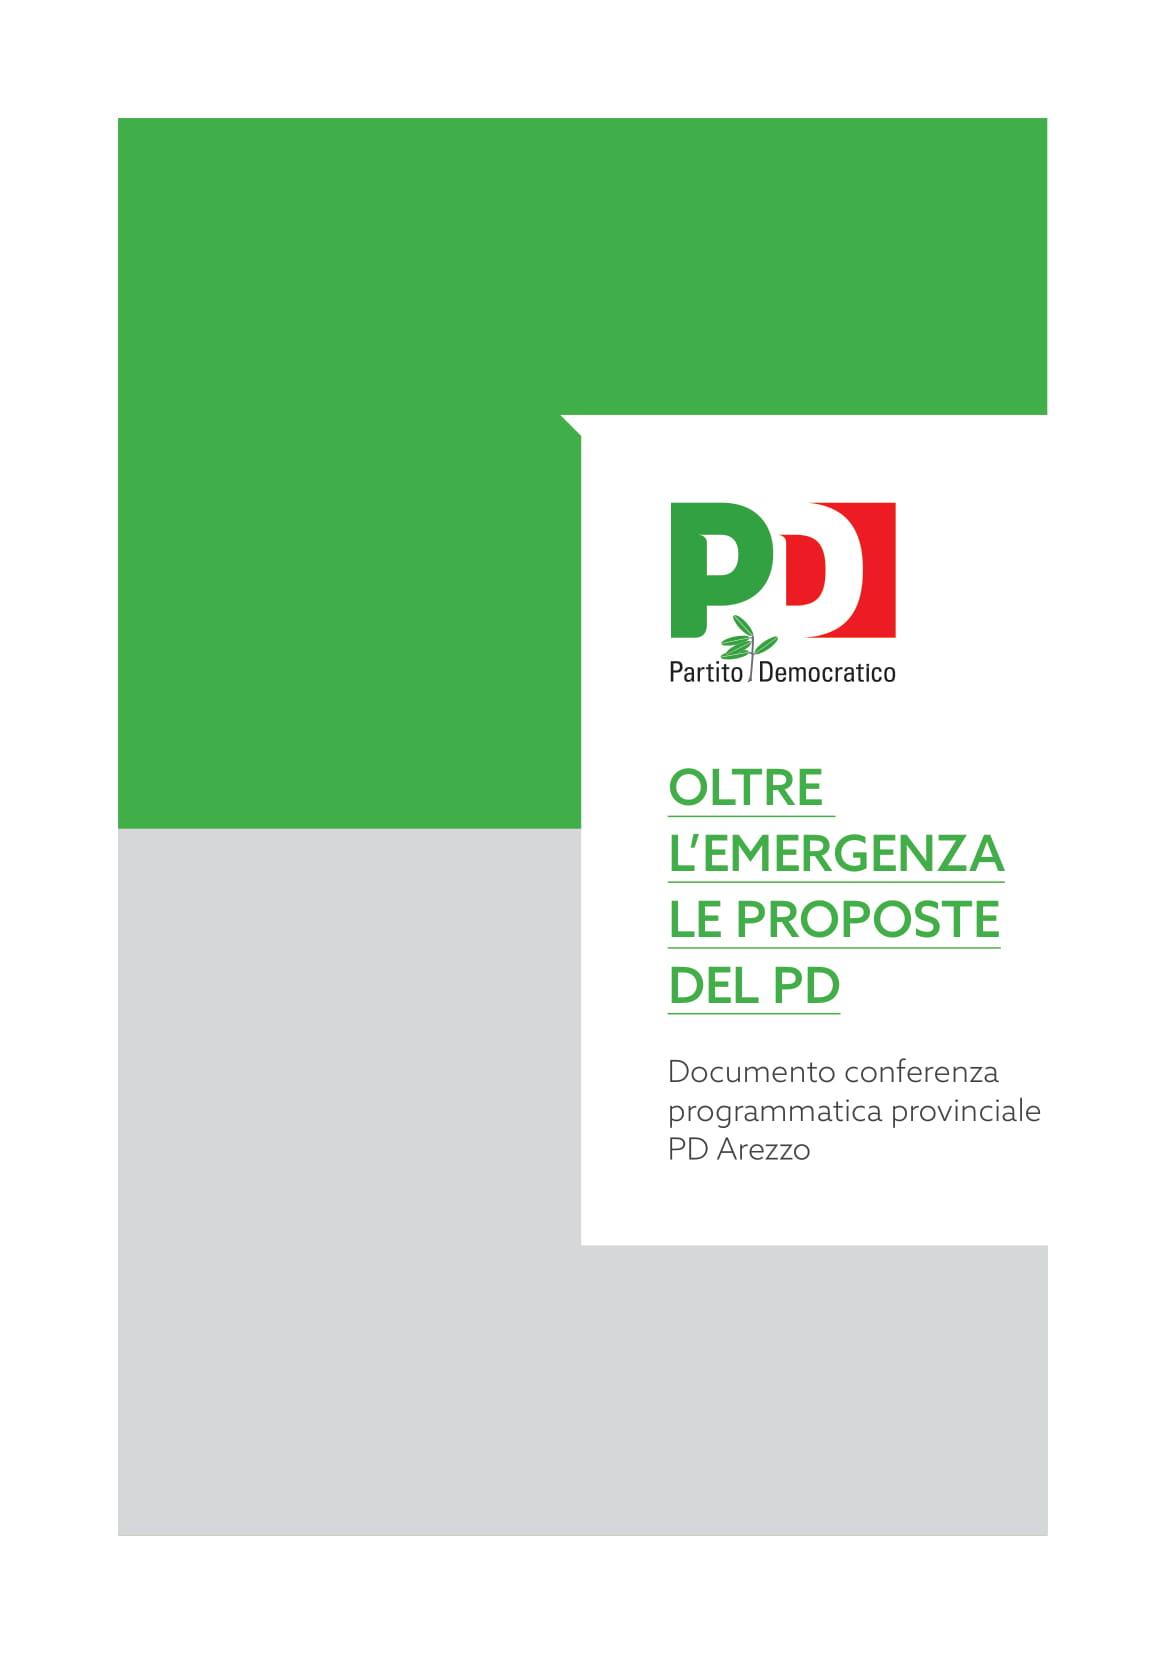 PD-Arezzo-Doc_Conf_Progr_2020-A5-2_DEFINITIVA_PER-STAMPA-1-01